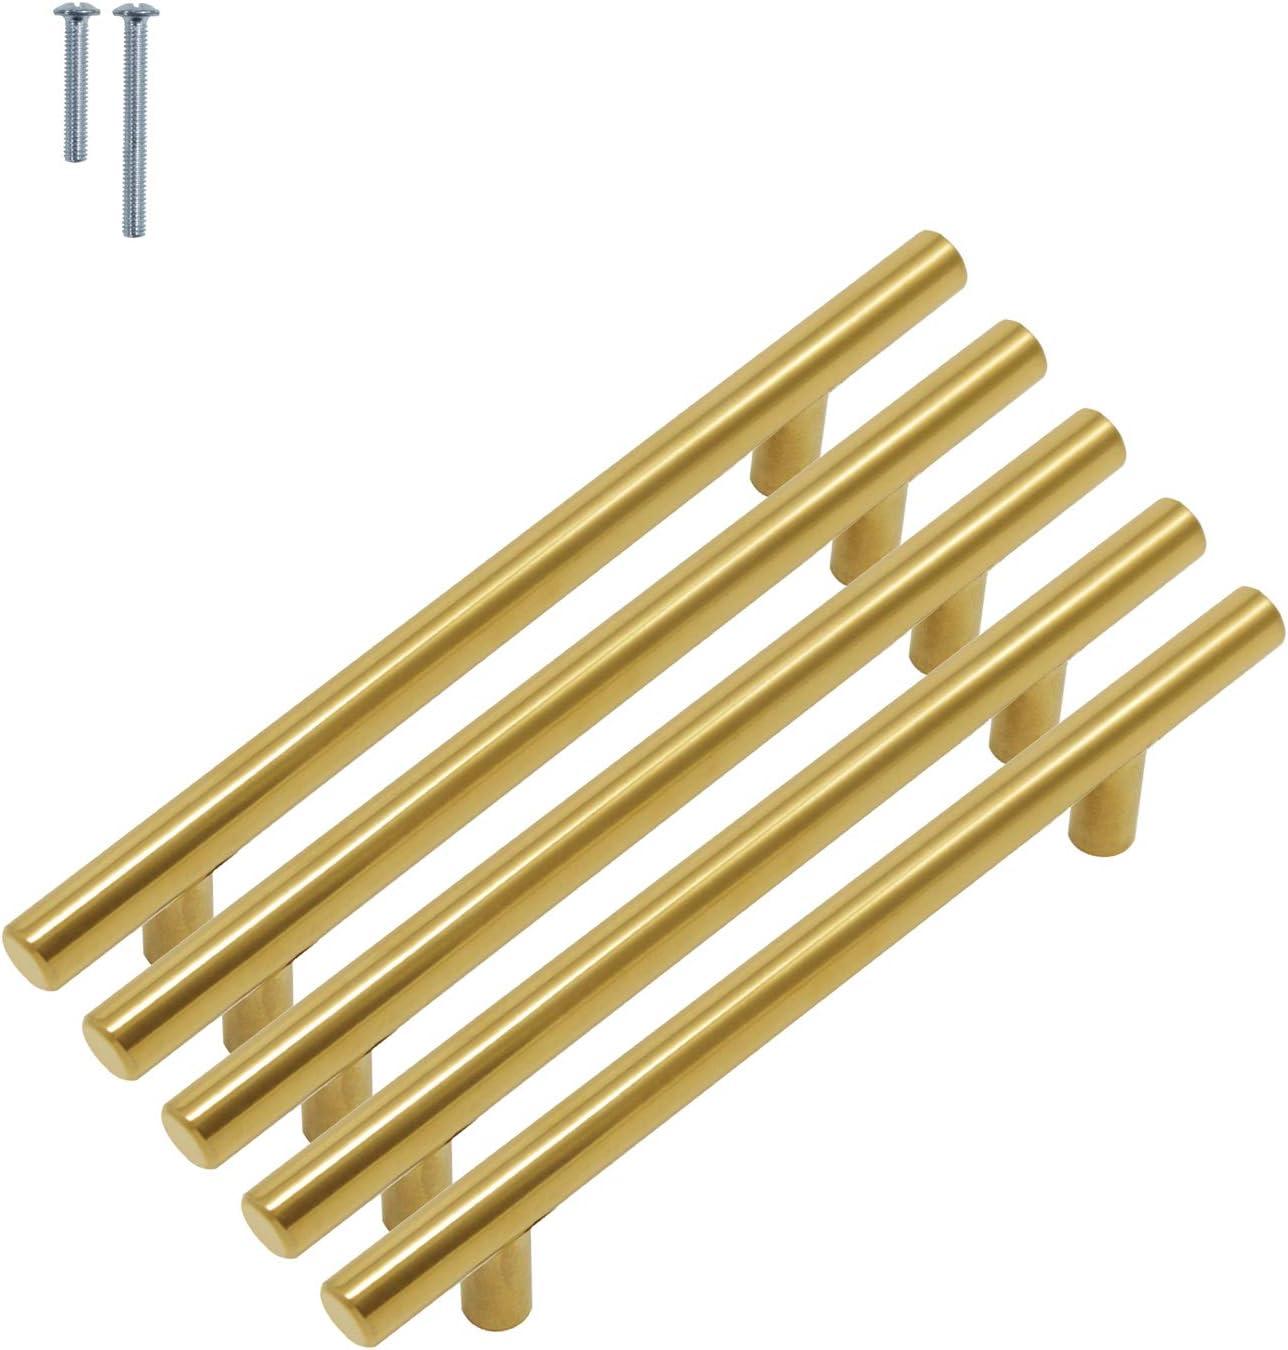 256 mm Probrico barre de porte boutons de portes en T pour meubles de cuisine 64 mm 76 mm Poignee de Meuble Laiton 96 mm 128 mm 192 mm 224 mm 160 mm 9 tailles : 50 mm acier inoxydable